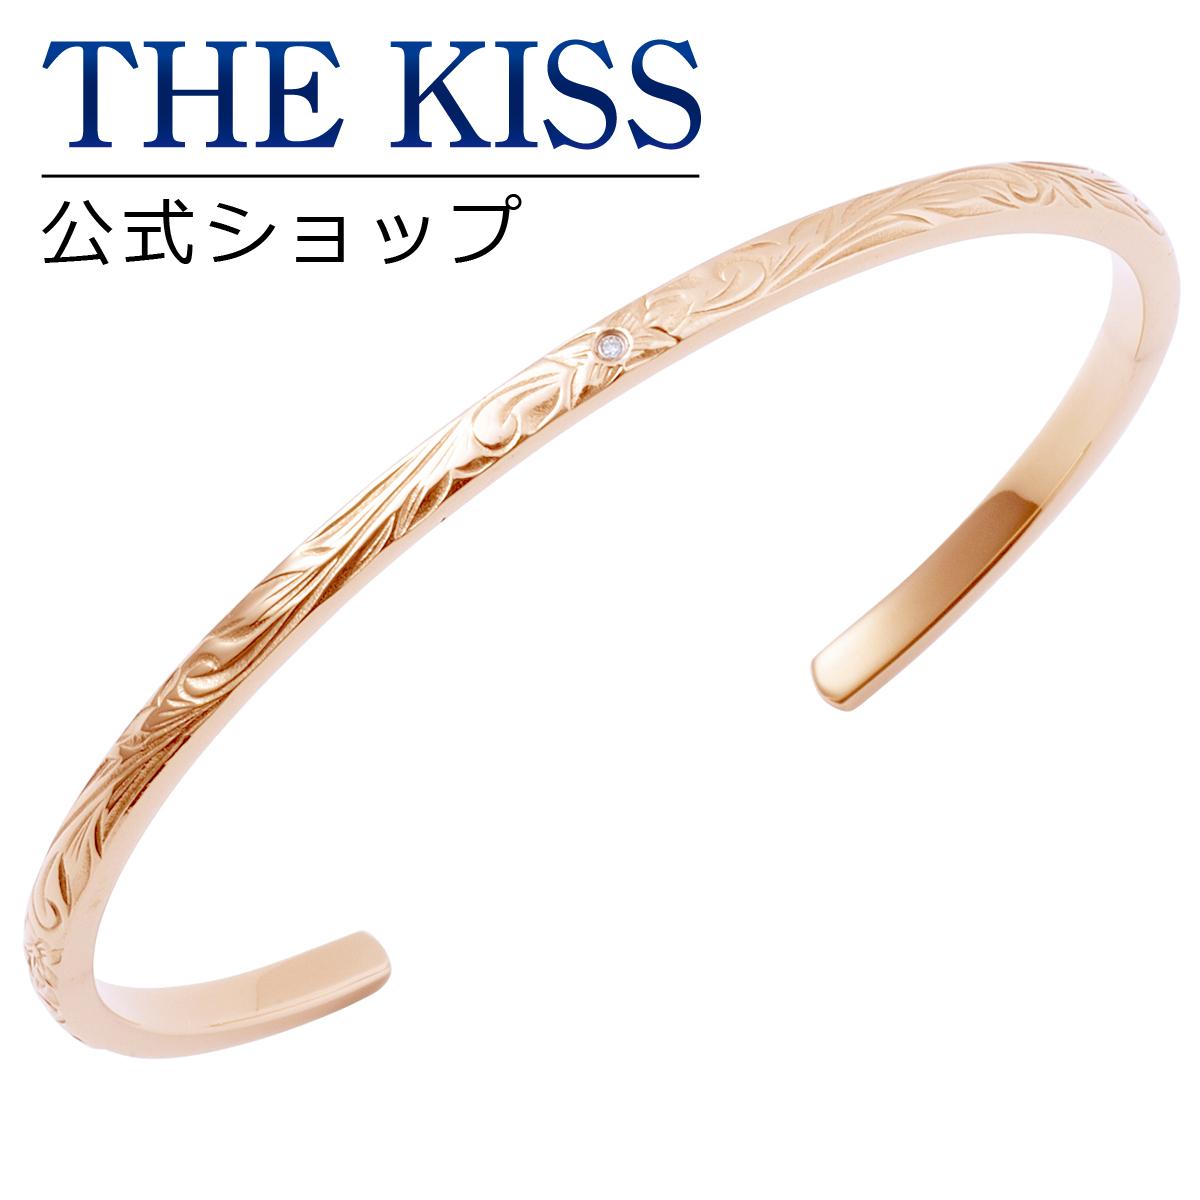 【あす楽対応】THE KISS 公式サイト ステンレス ハワイアン ペアバングル (レディース 単品) ペアアクセサリー カップル に 人気 の ジュエリーブランド THEKISS ペア バングル 記念日 プレゼント L-BR8015DM ザキス 【送料無料】